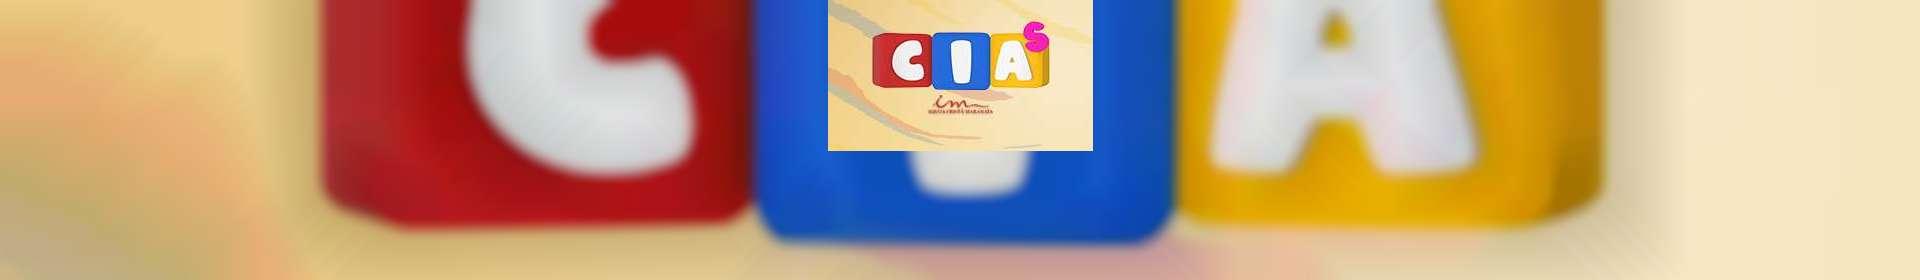 Aula de CIAS: classe de 0 a 3 anos e gestantes - 28 de maio de 2020